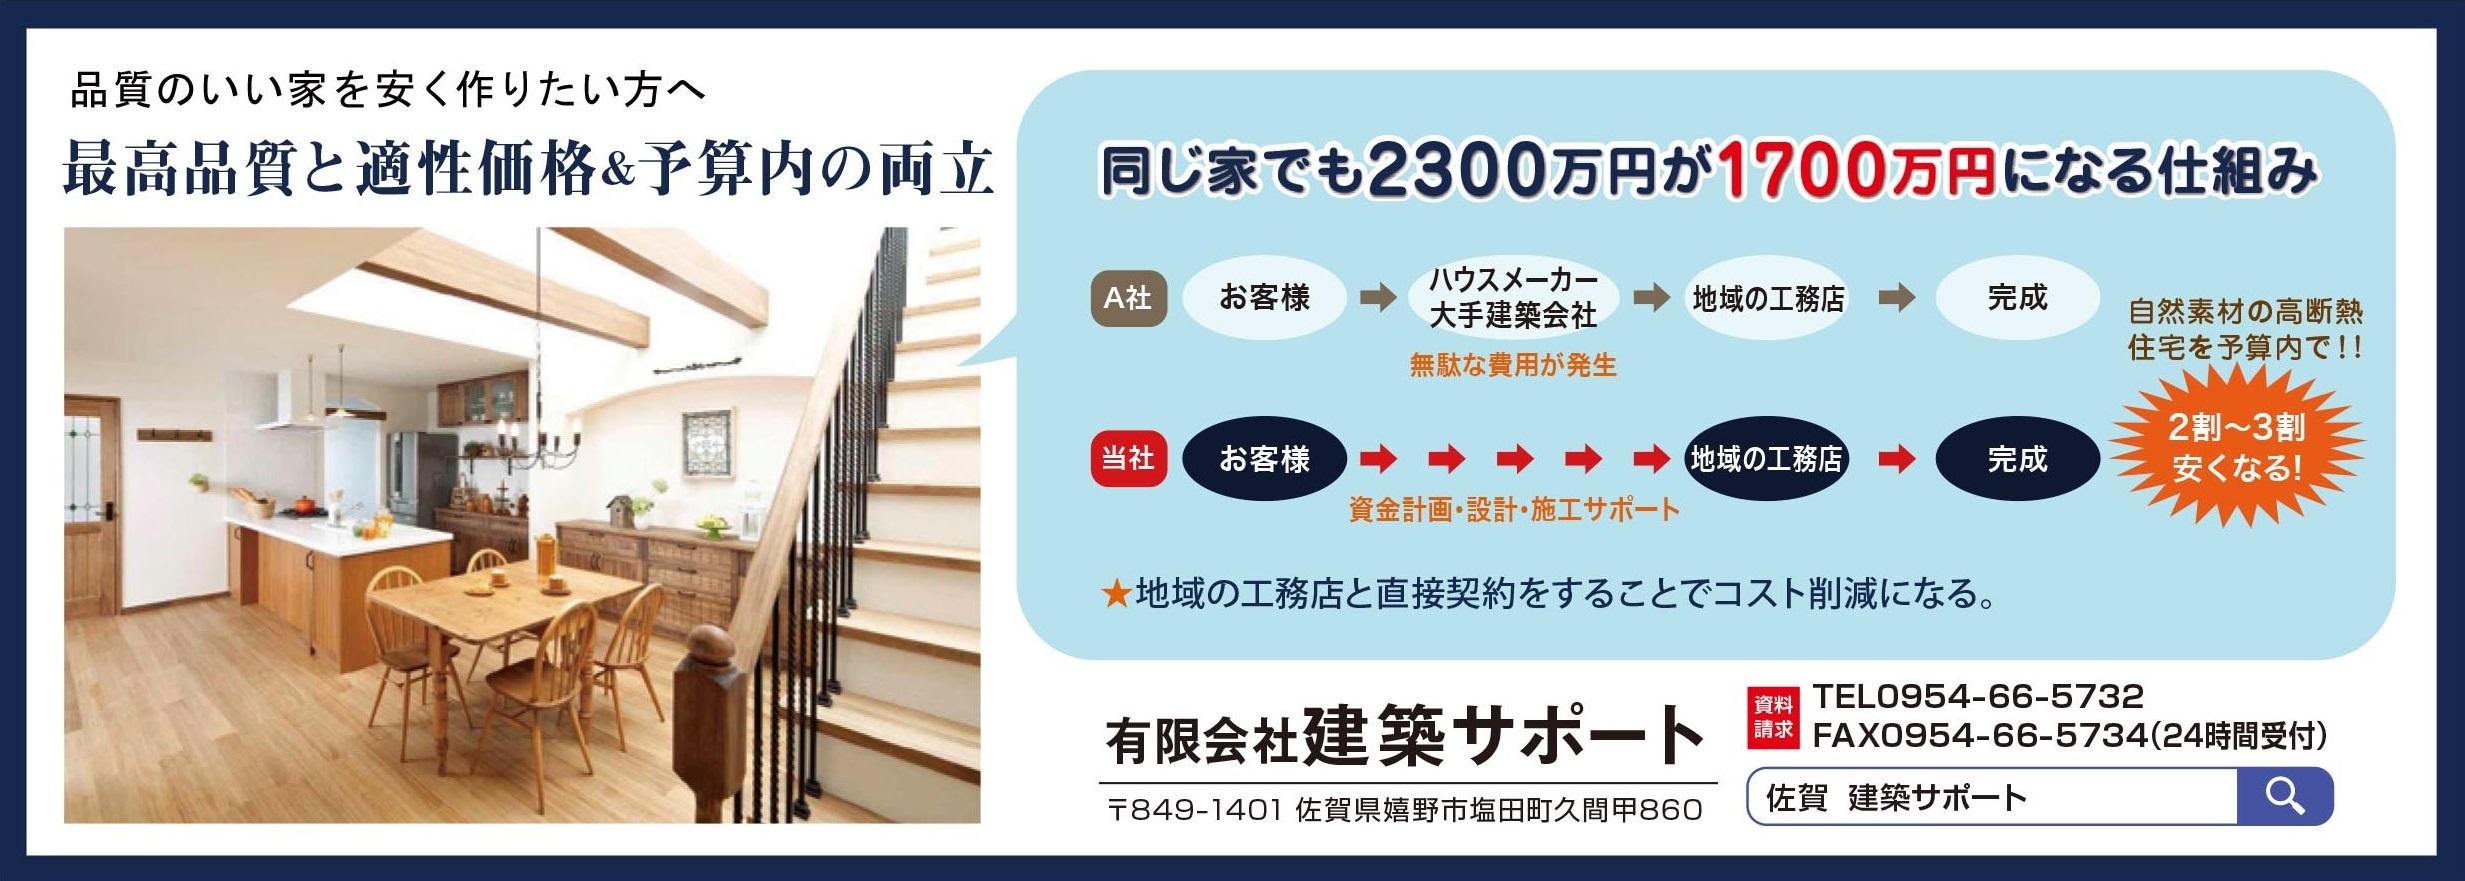 2020秋号_広告枠_再再再校